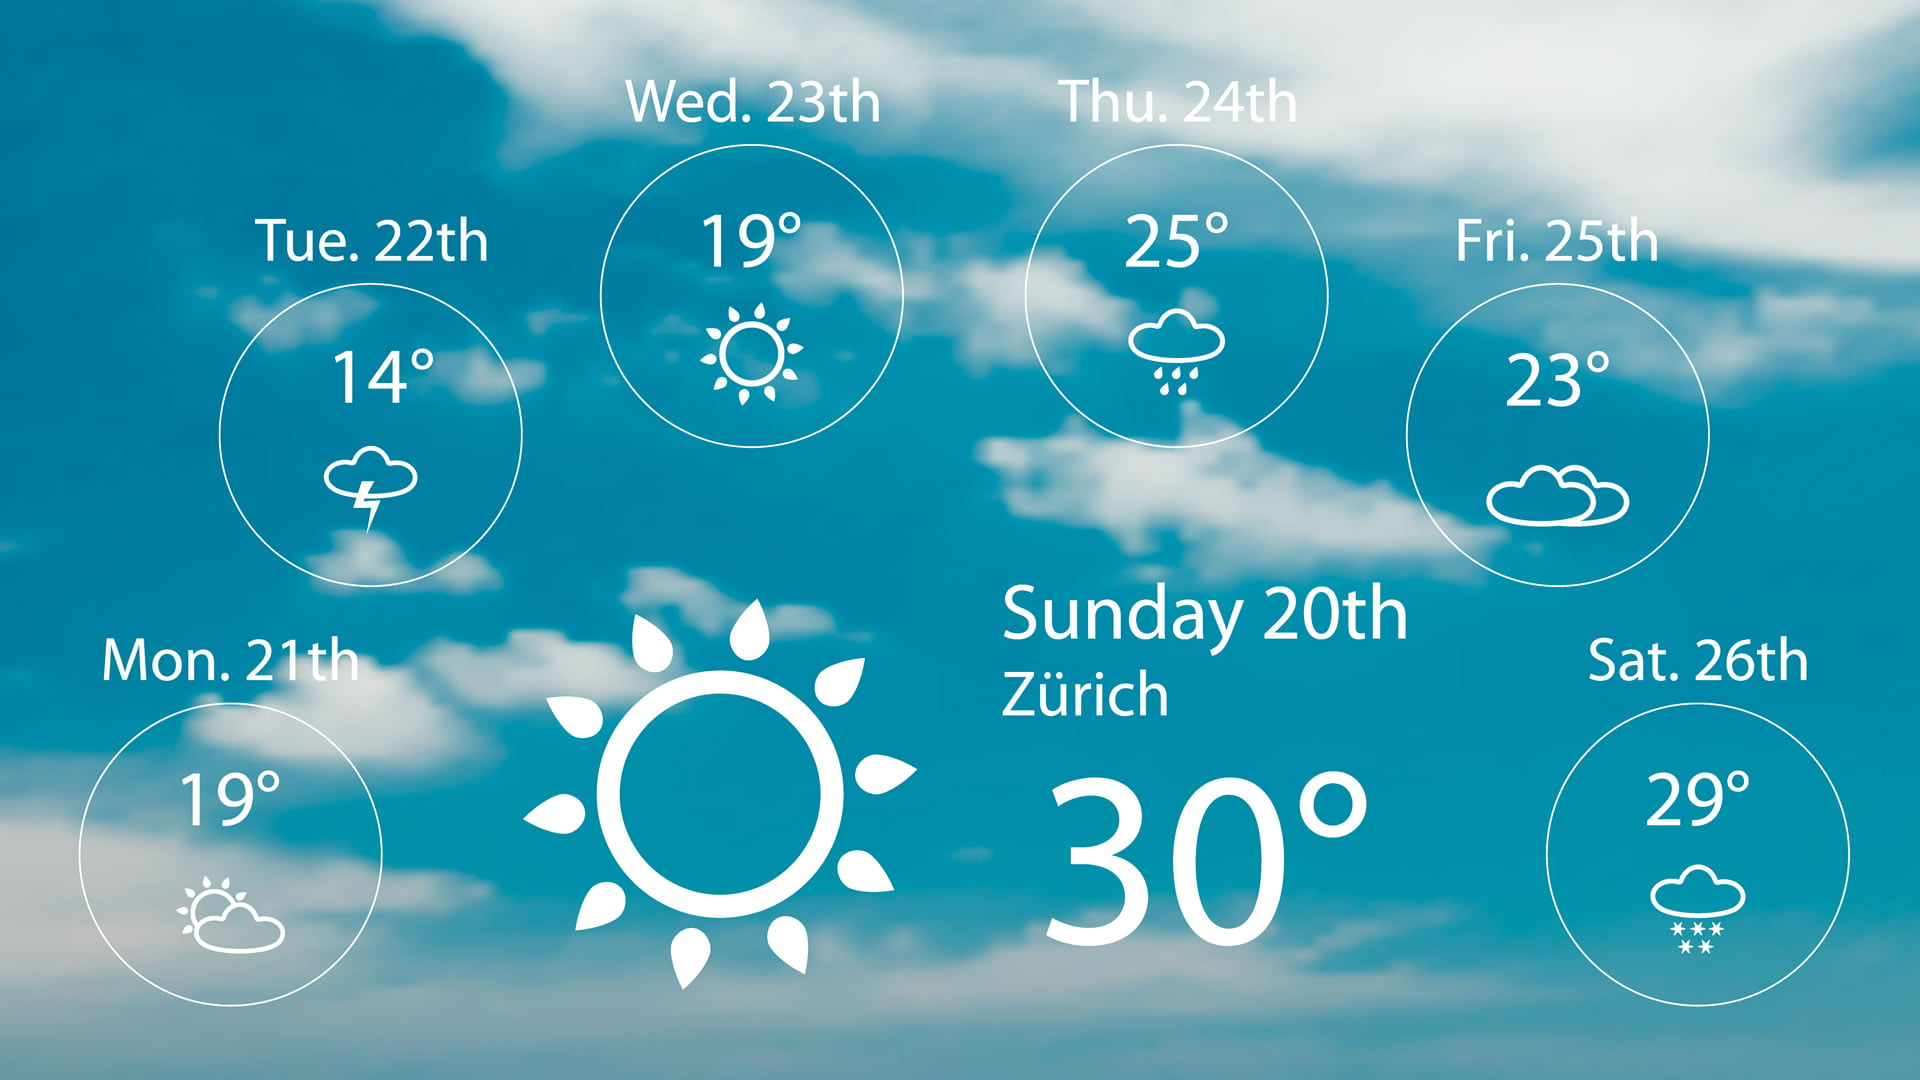 Condiciones meteorológicas al viajar en avión